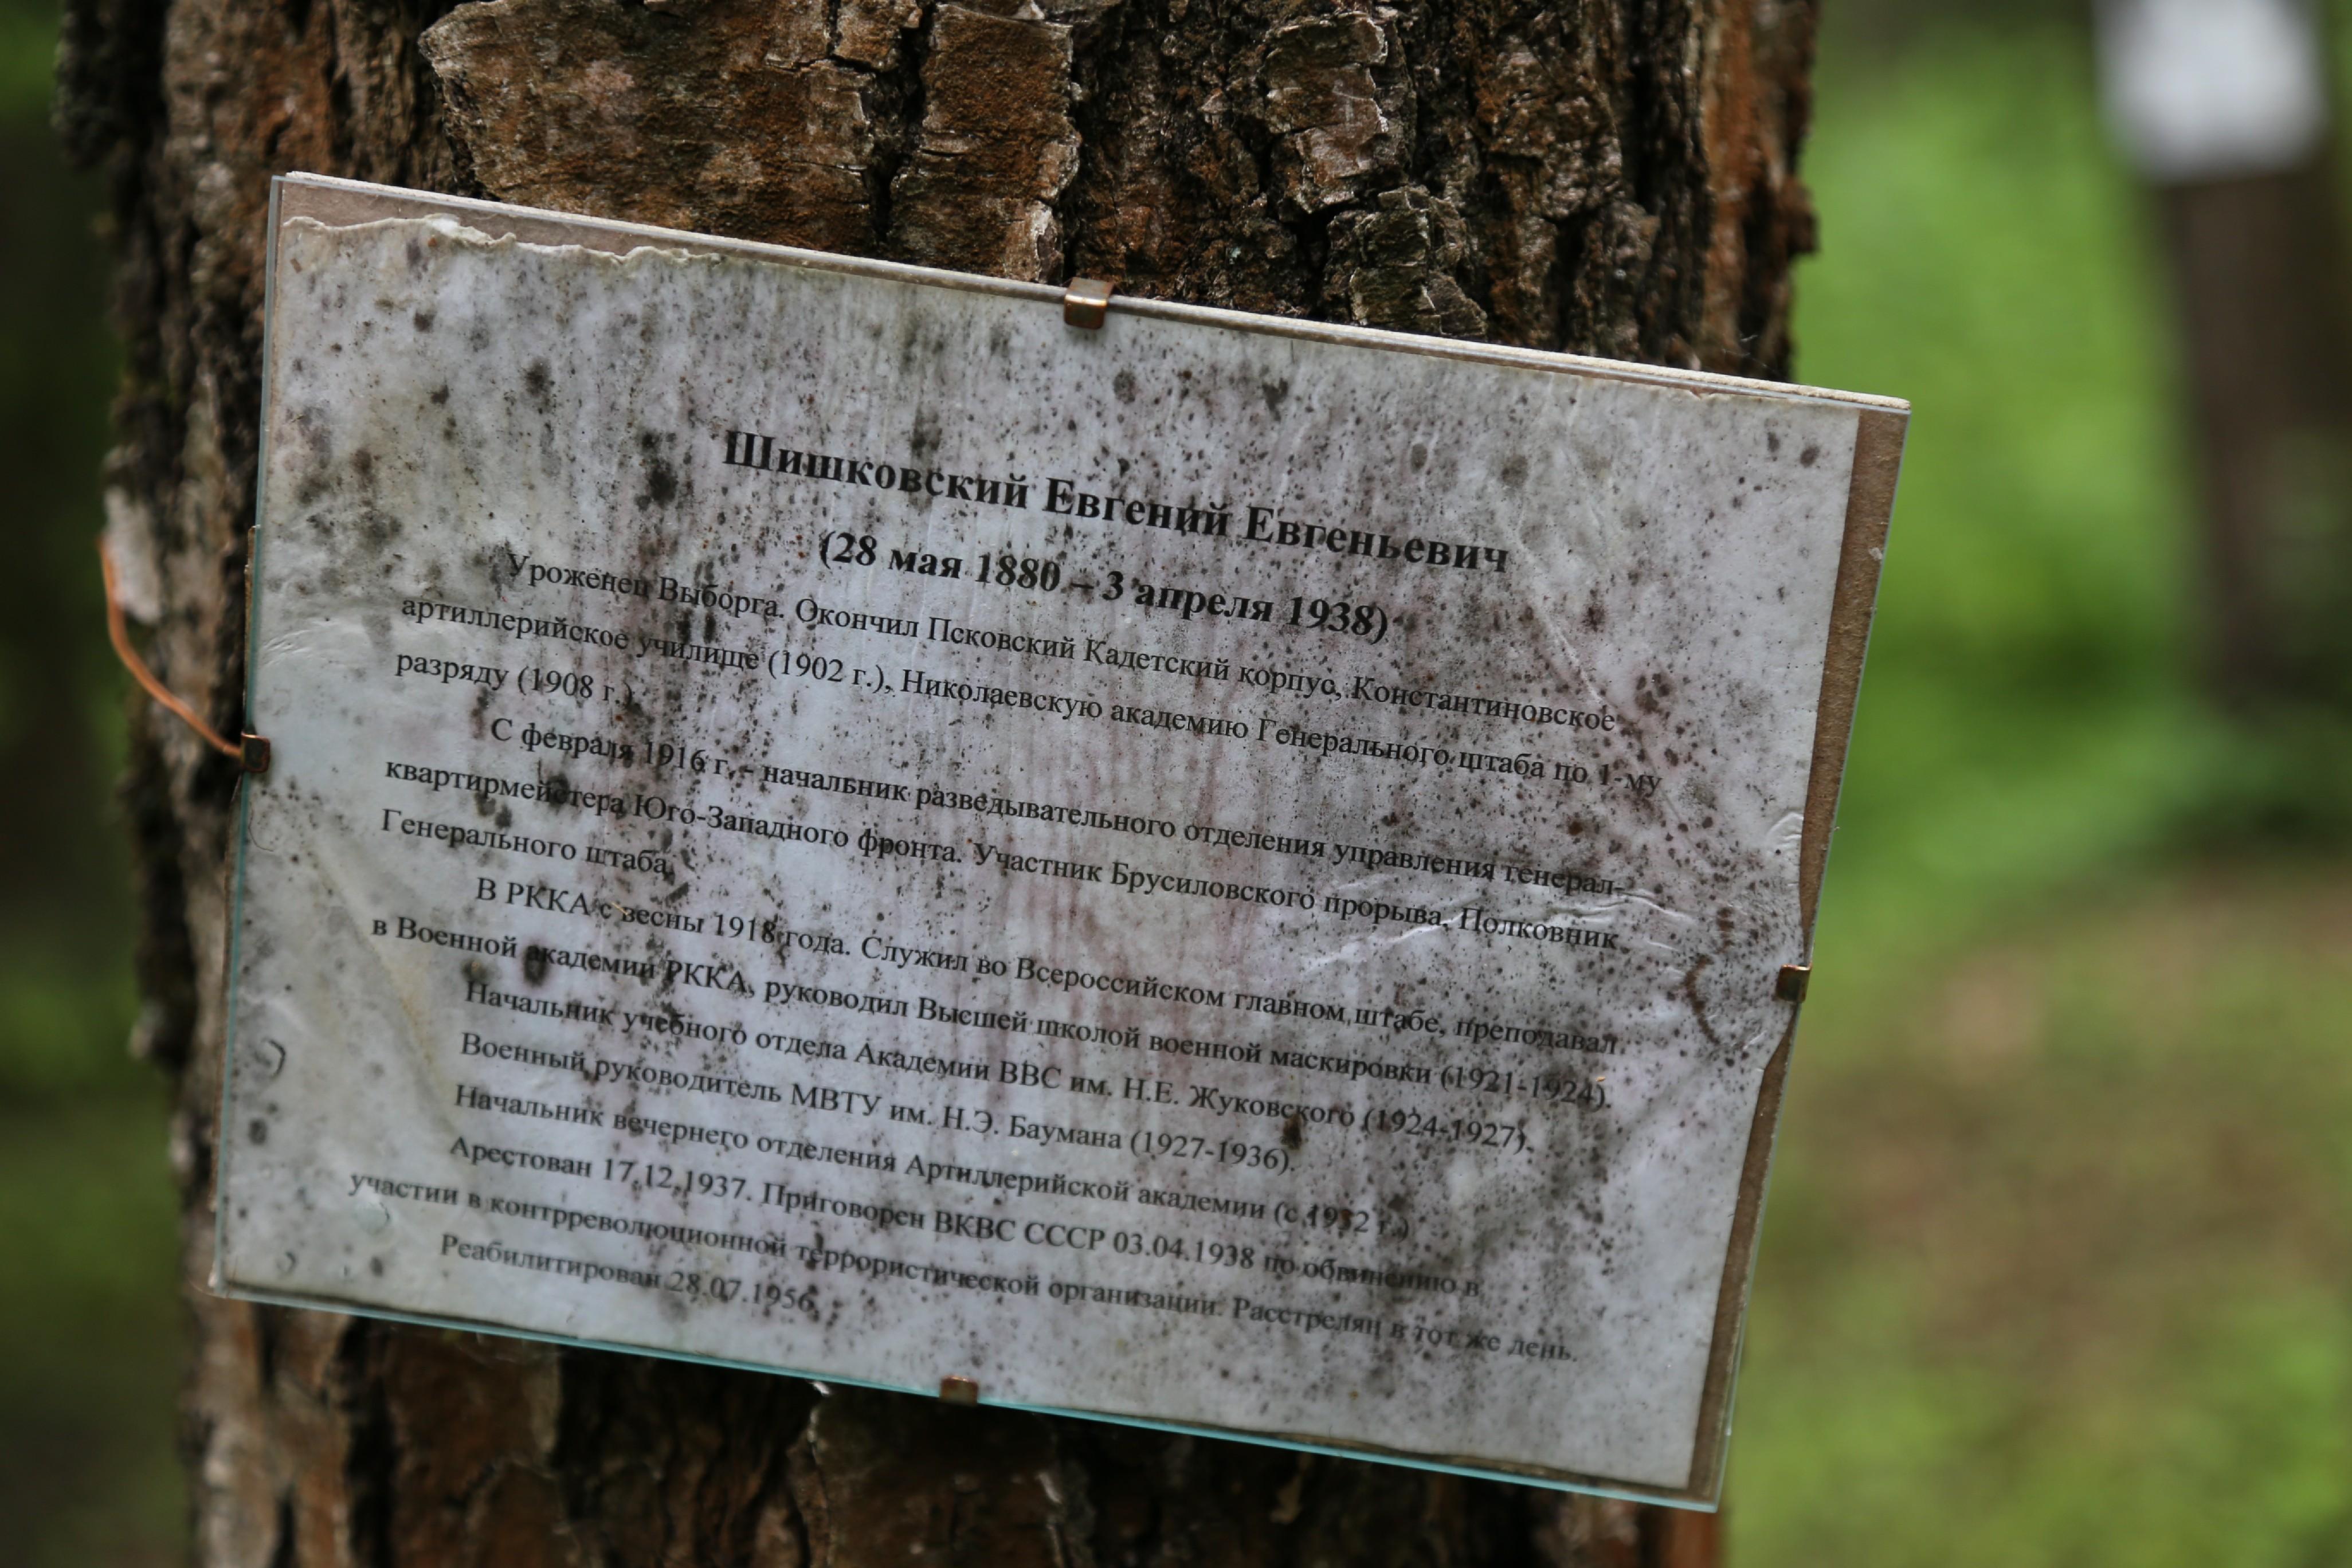 Памятная табличка Е.Е. Шишковскому. Фото 07.06.2018